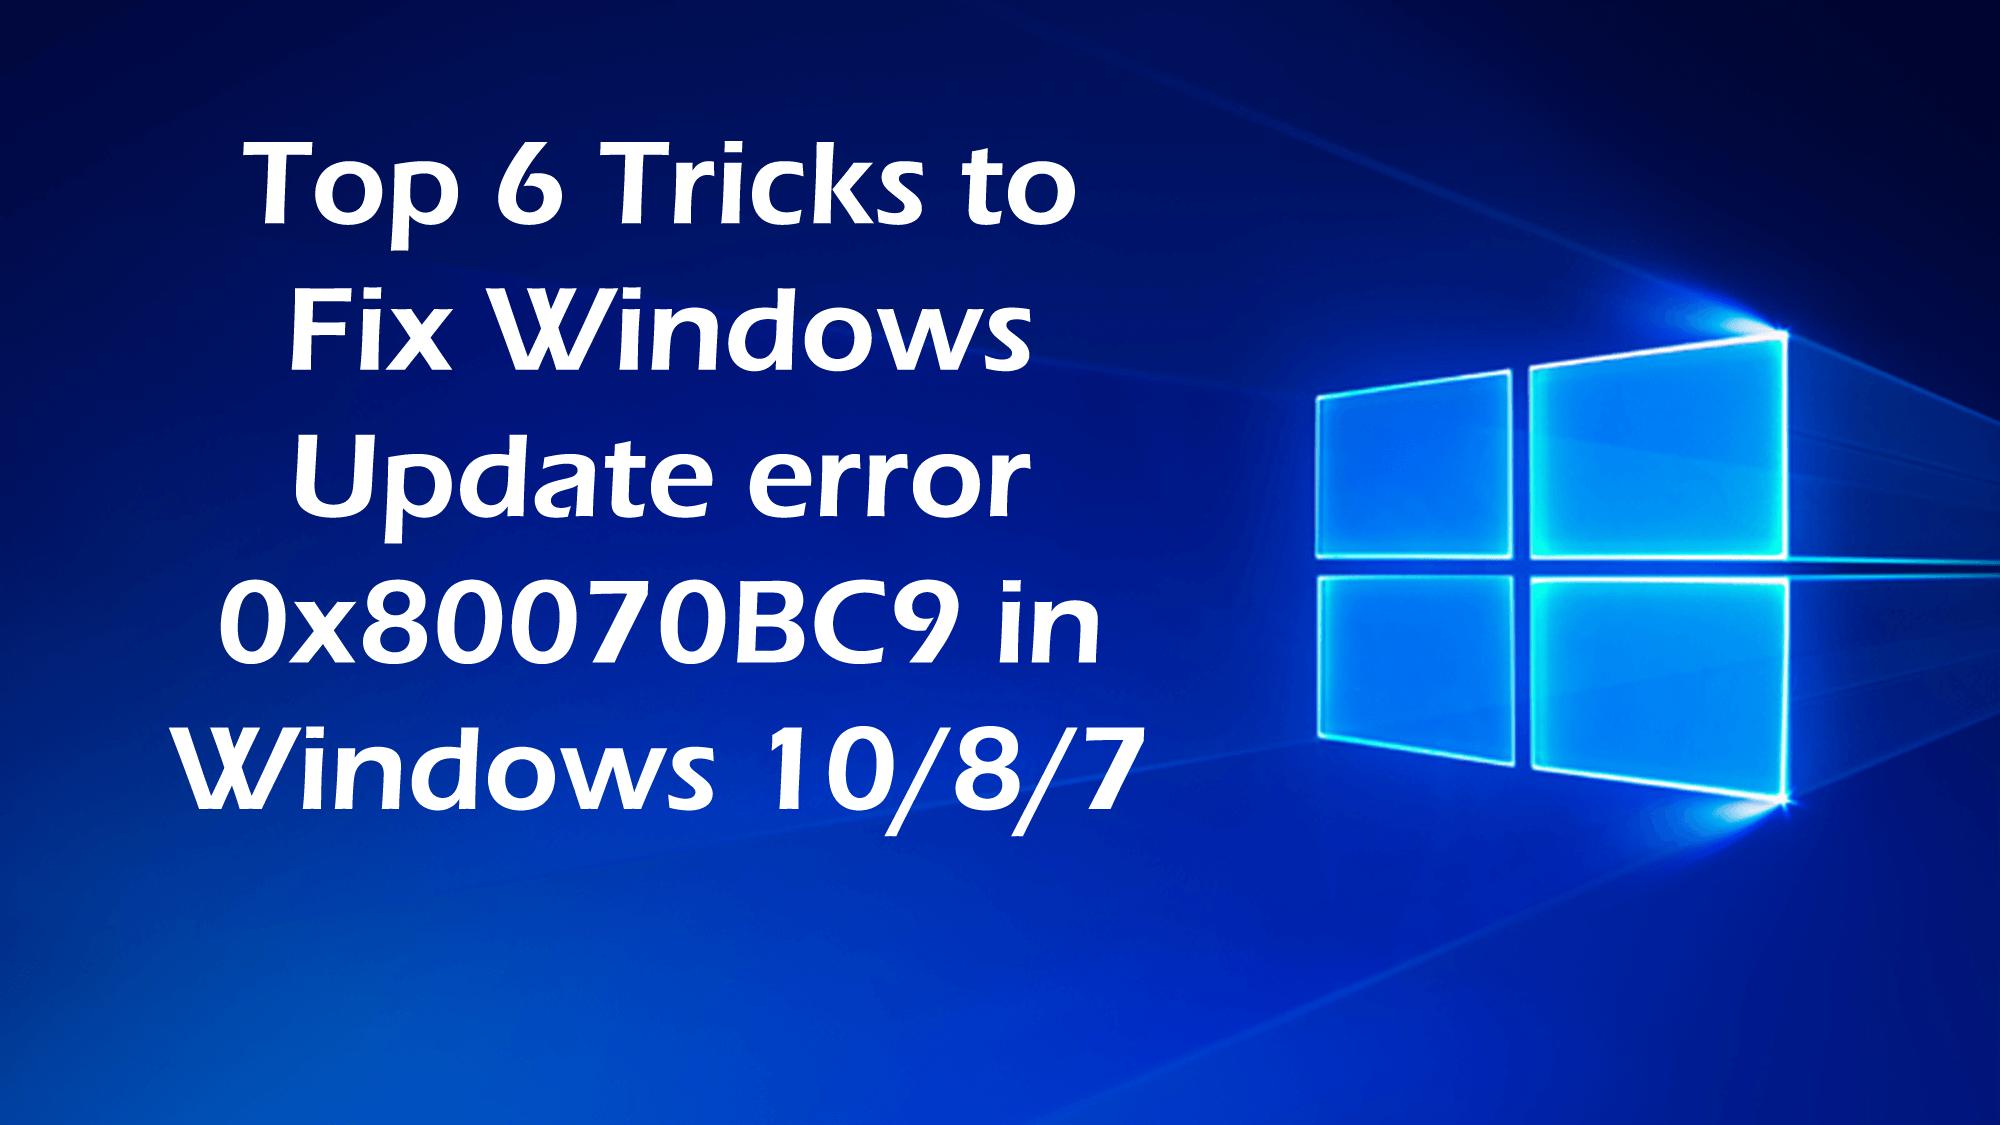 Windows Update error 0x80070BC9